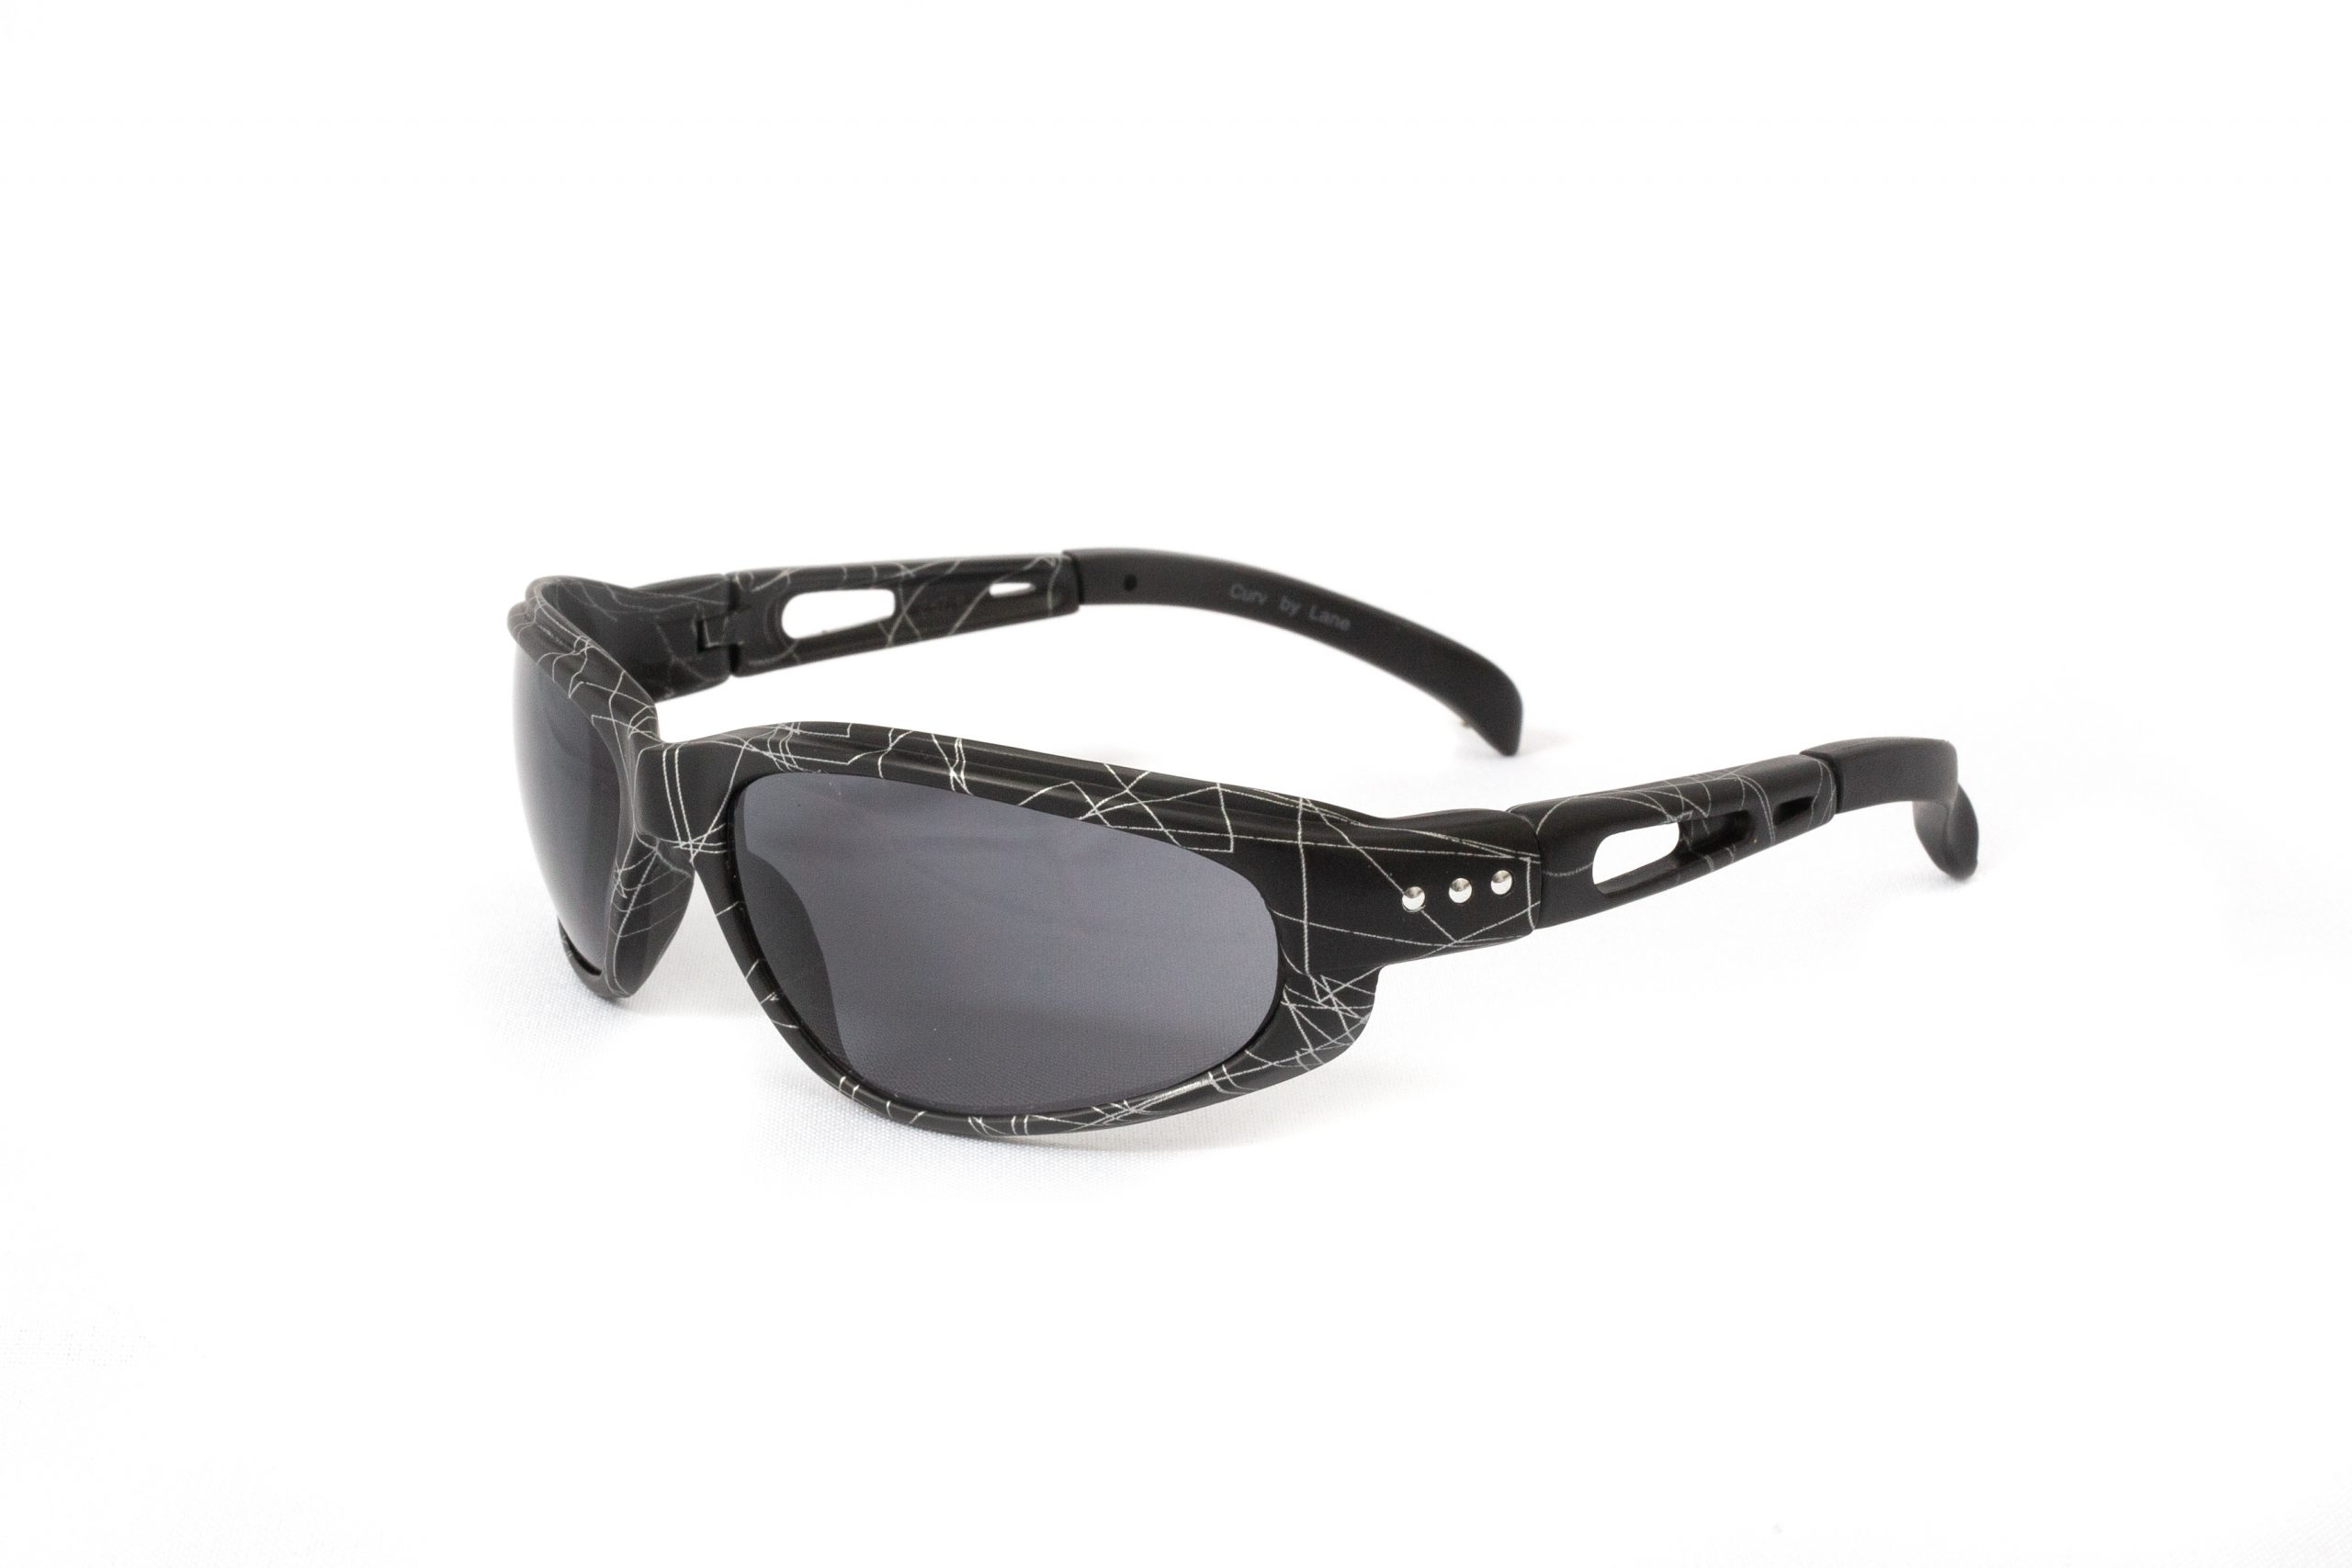 01-59 - Curv Black Laser Sunglasses with Smoke Lenses and Matte Black Laser Design Frames